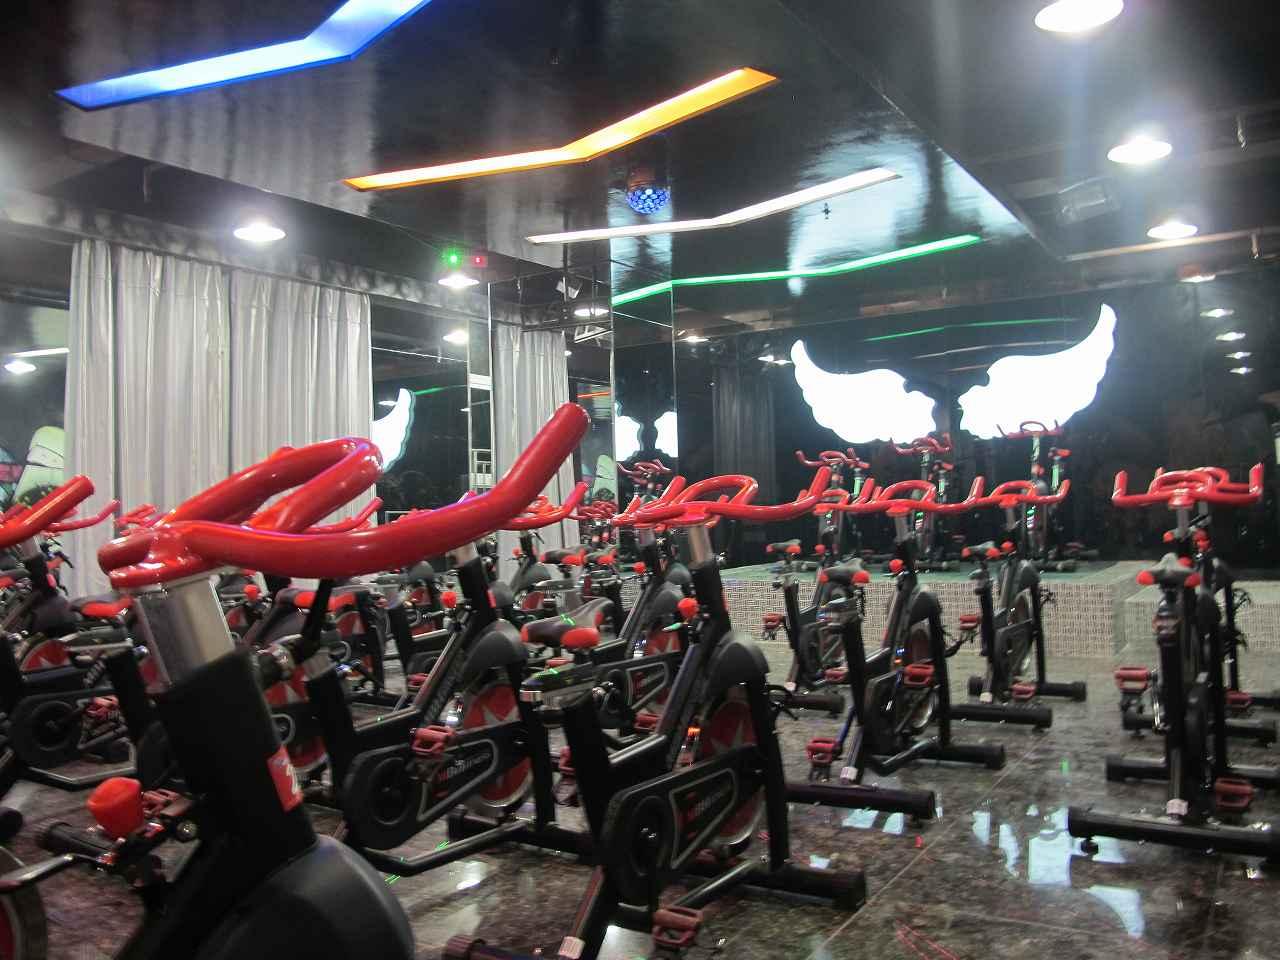 投资开个小型健身房多少钱